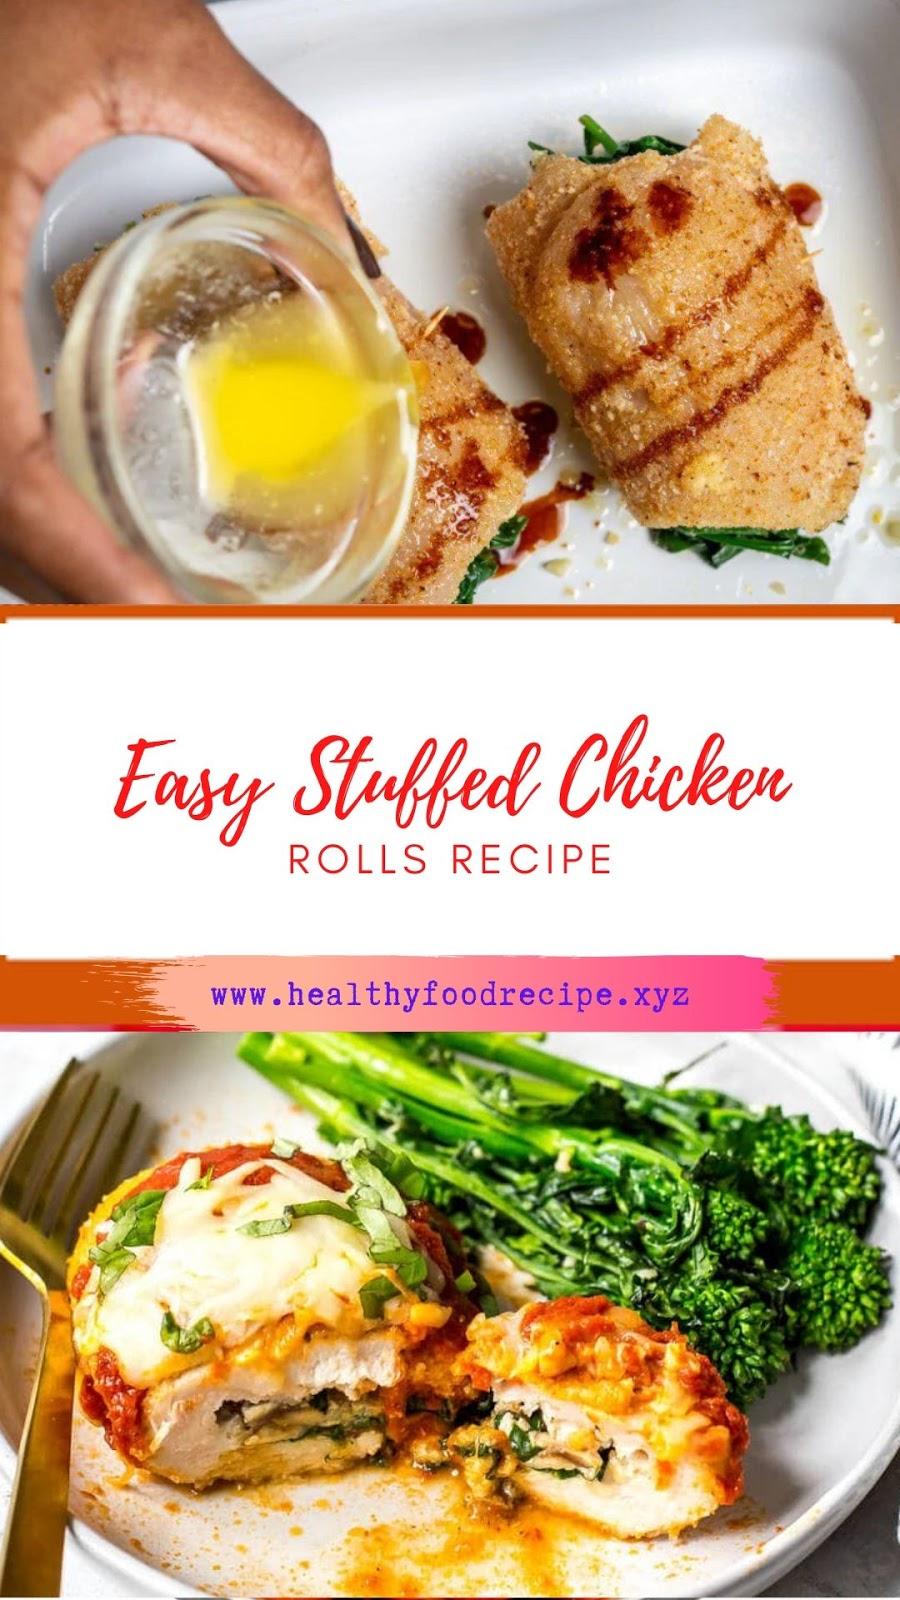 Easy Stuffed Chicken Rolls Recipe